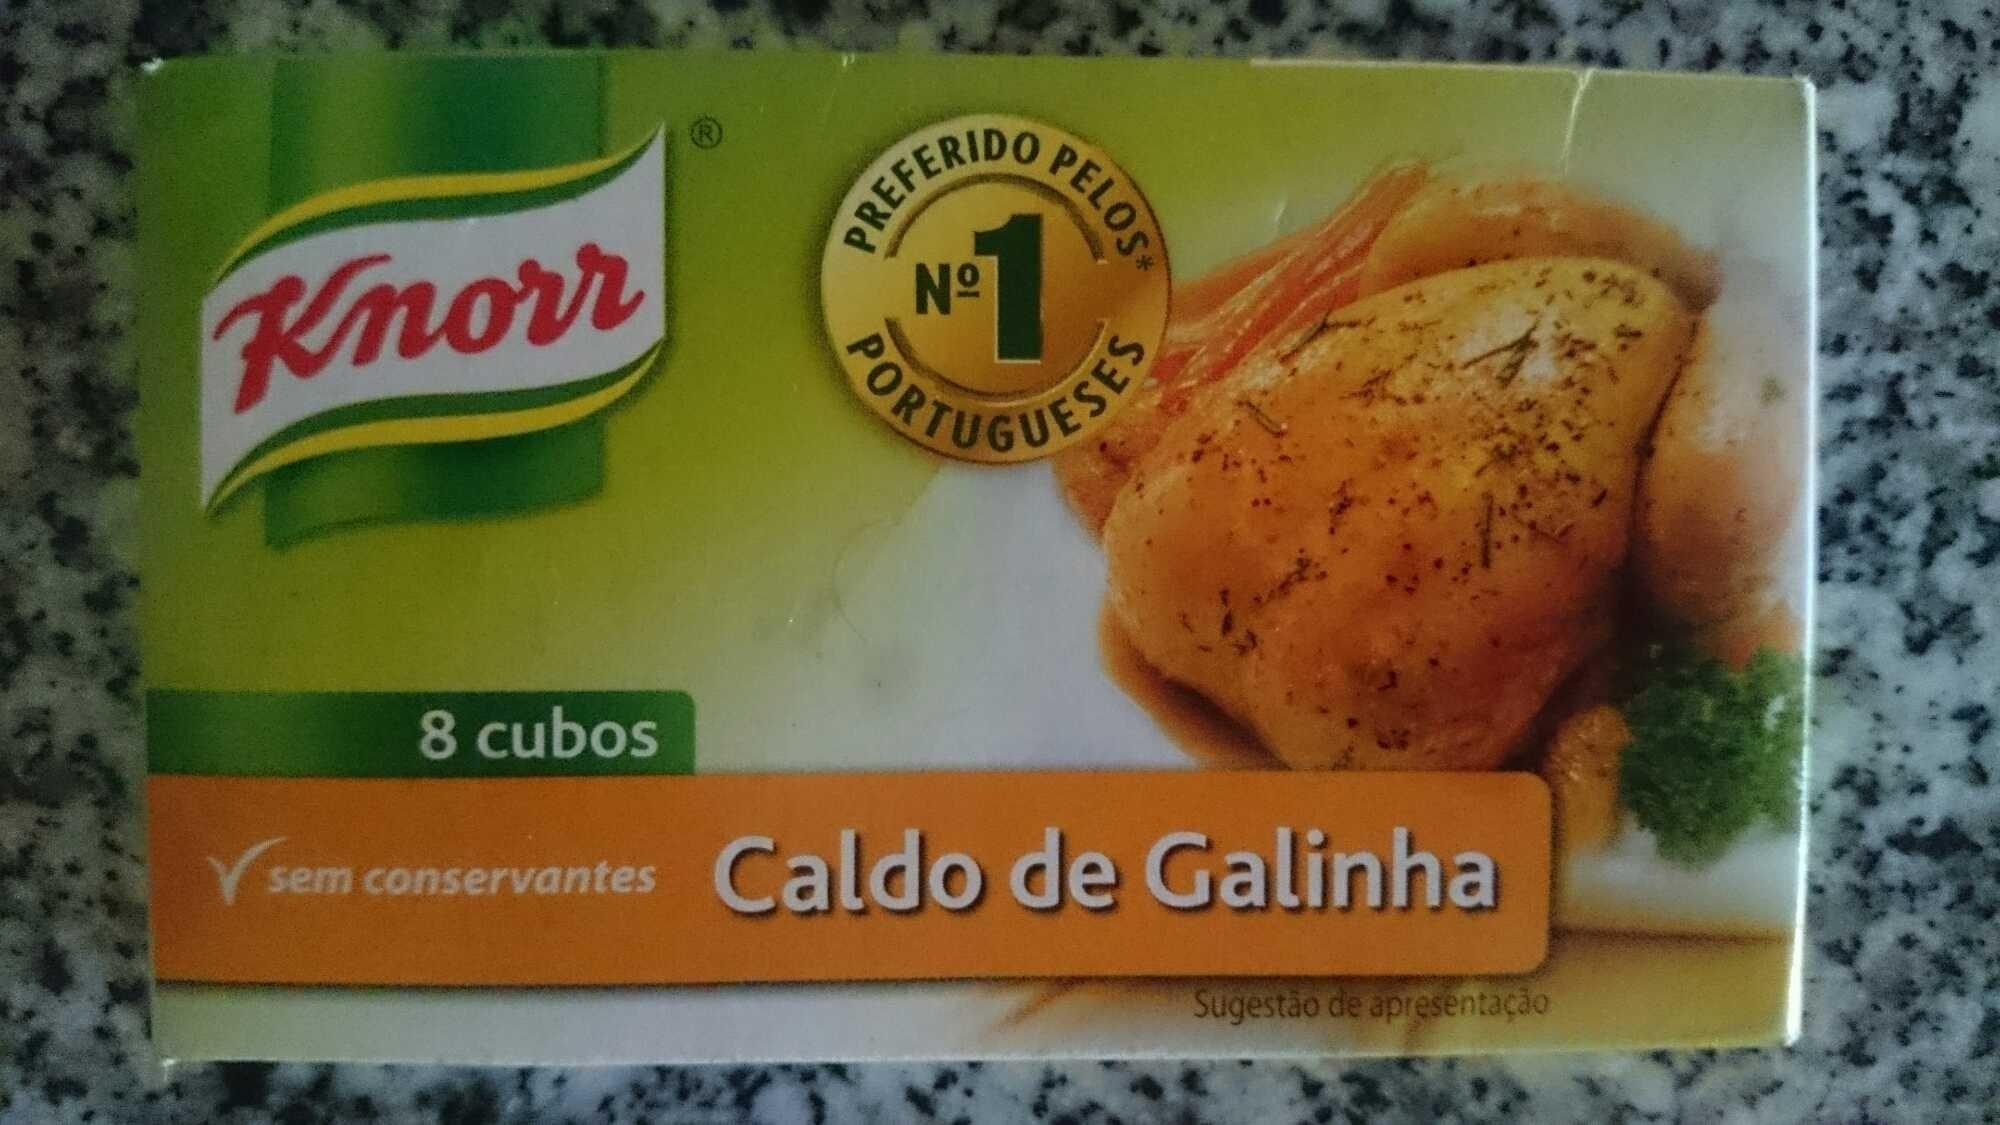 Caldo de galinha - Product - pt